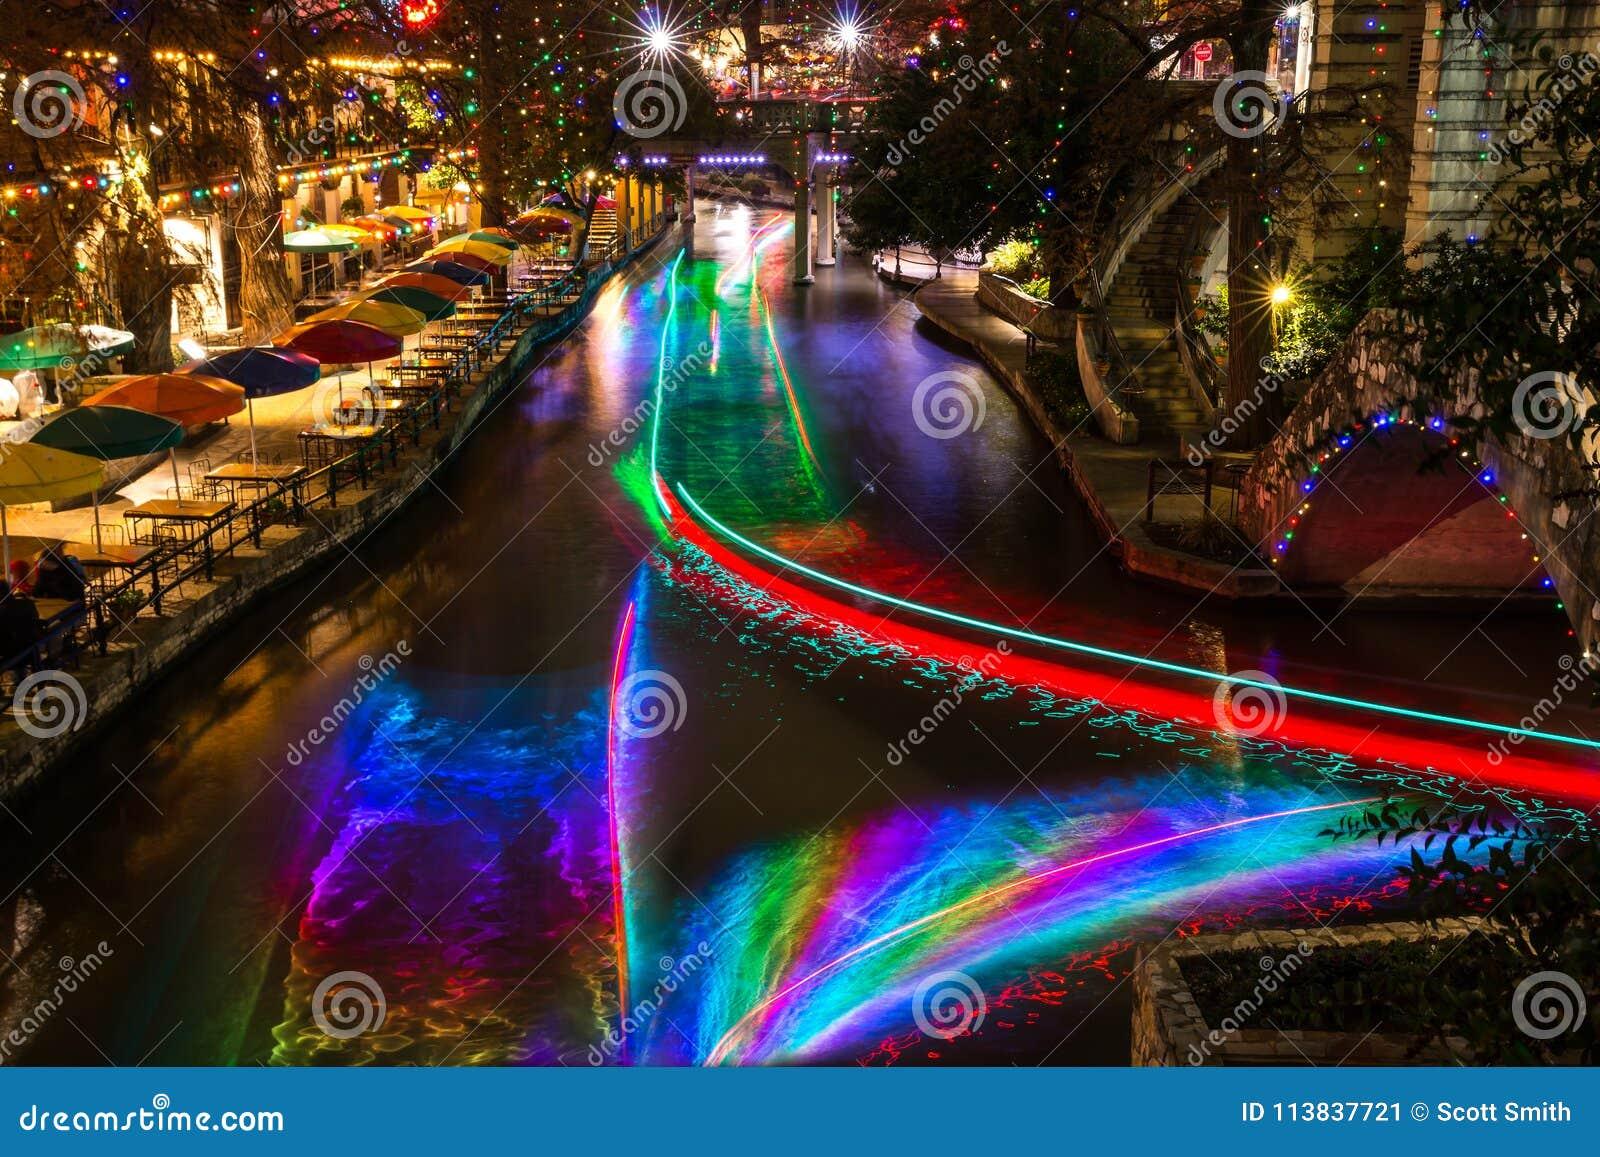 San Antonio Riverwalk Christmas.San Antonio Riverwalk At Night Christmas Time With Some